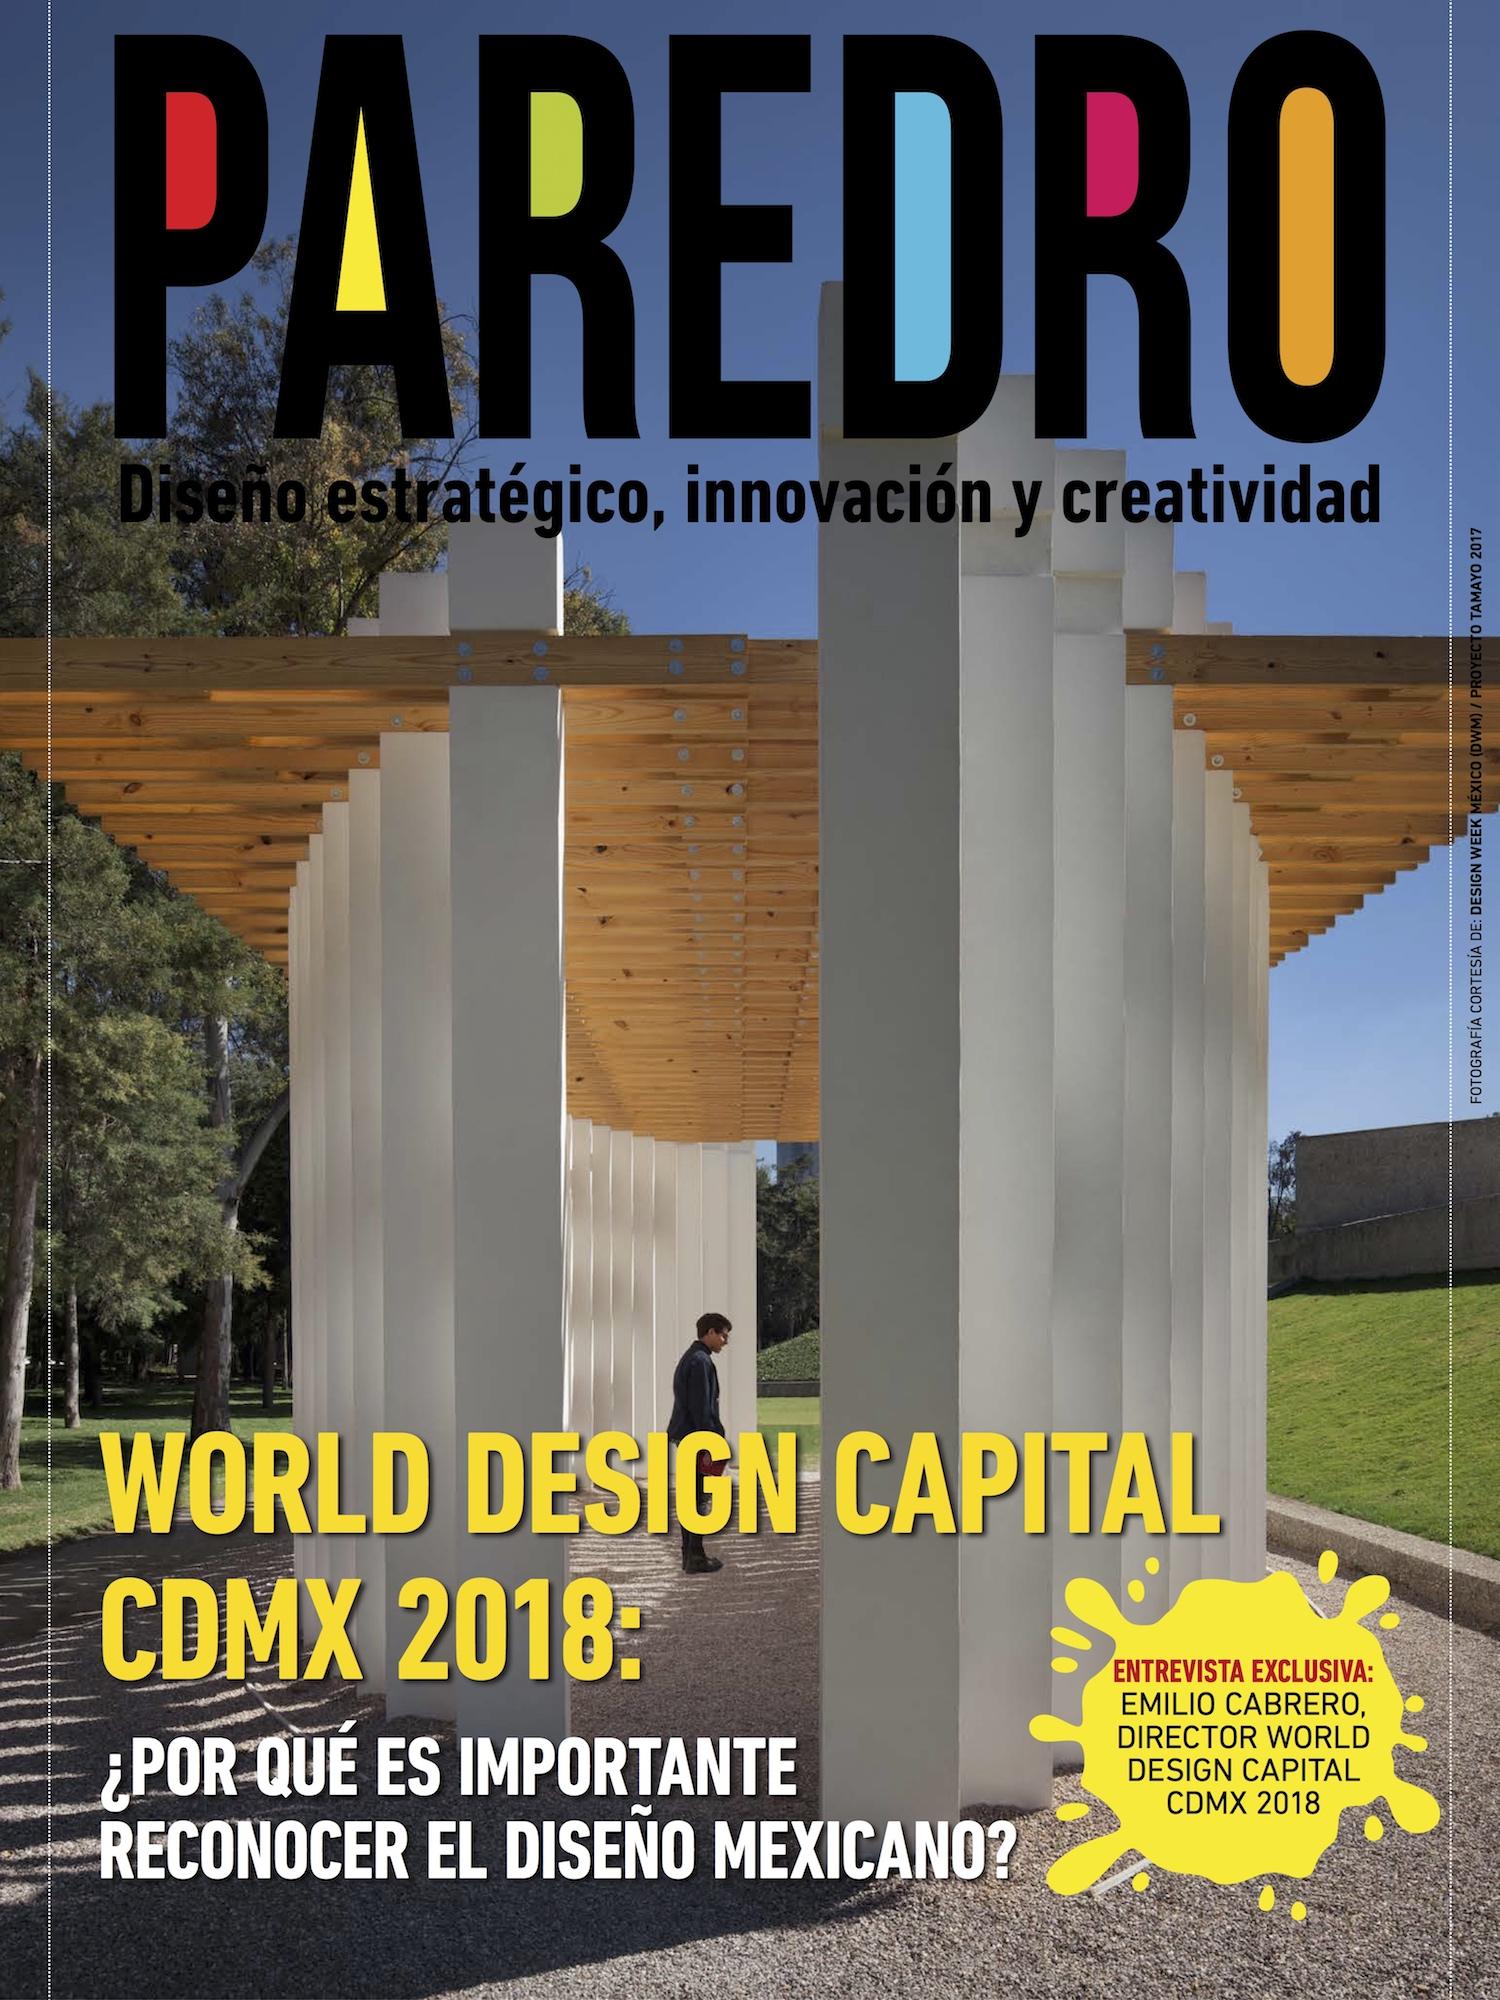 La World Design Capital CDMX 2018 cierra con la Design Week México, Emilio Cabrero nos cuenta en entrevista, lo que significa esta designación para el país.